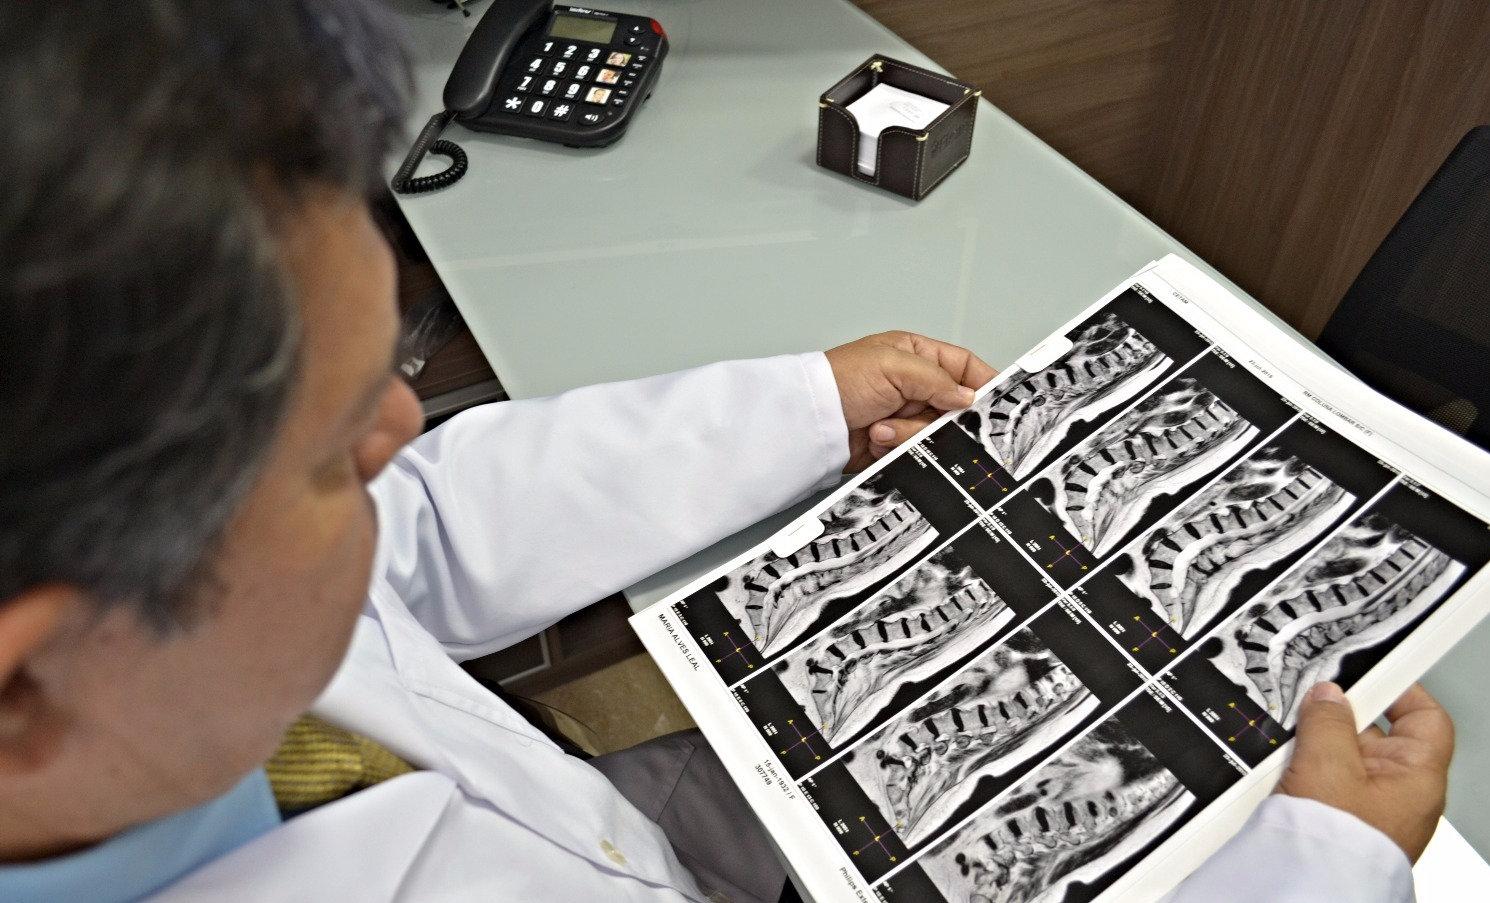 Ortopedia/Doenças Osteometabólicas